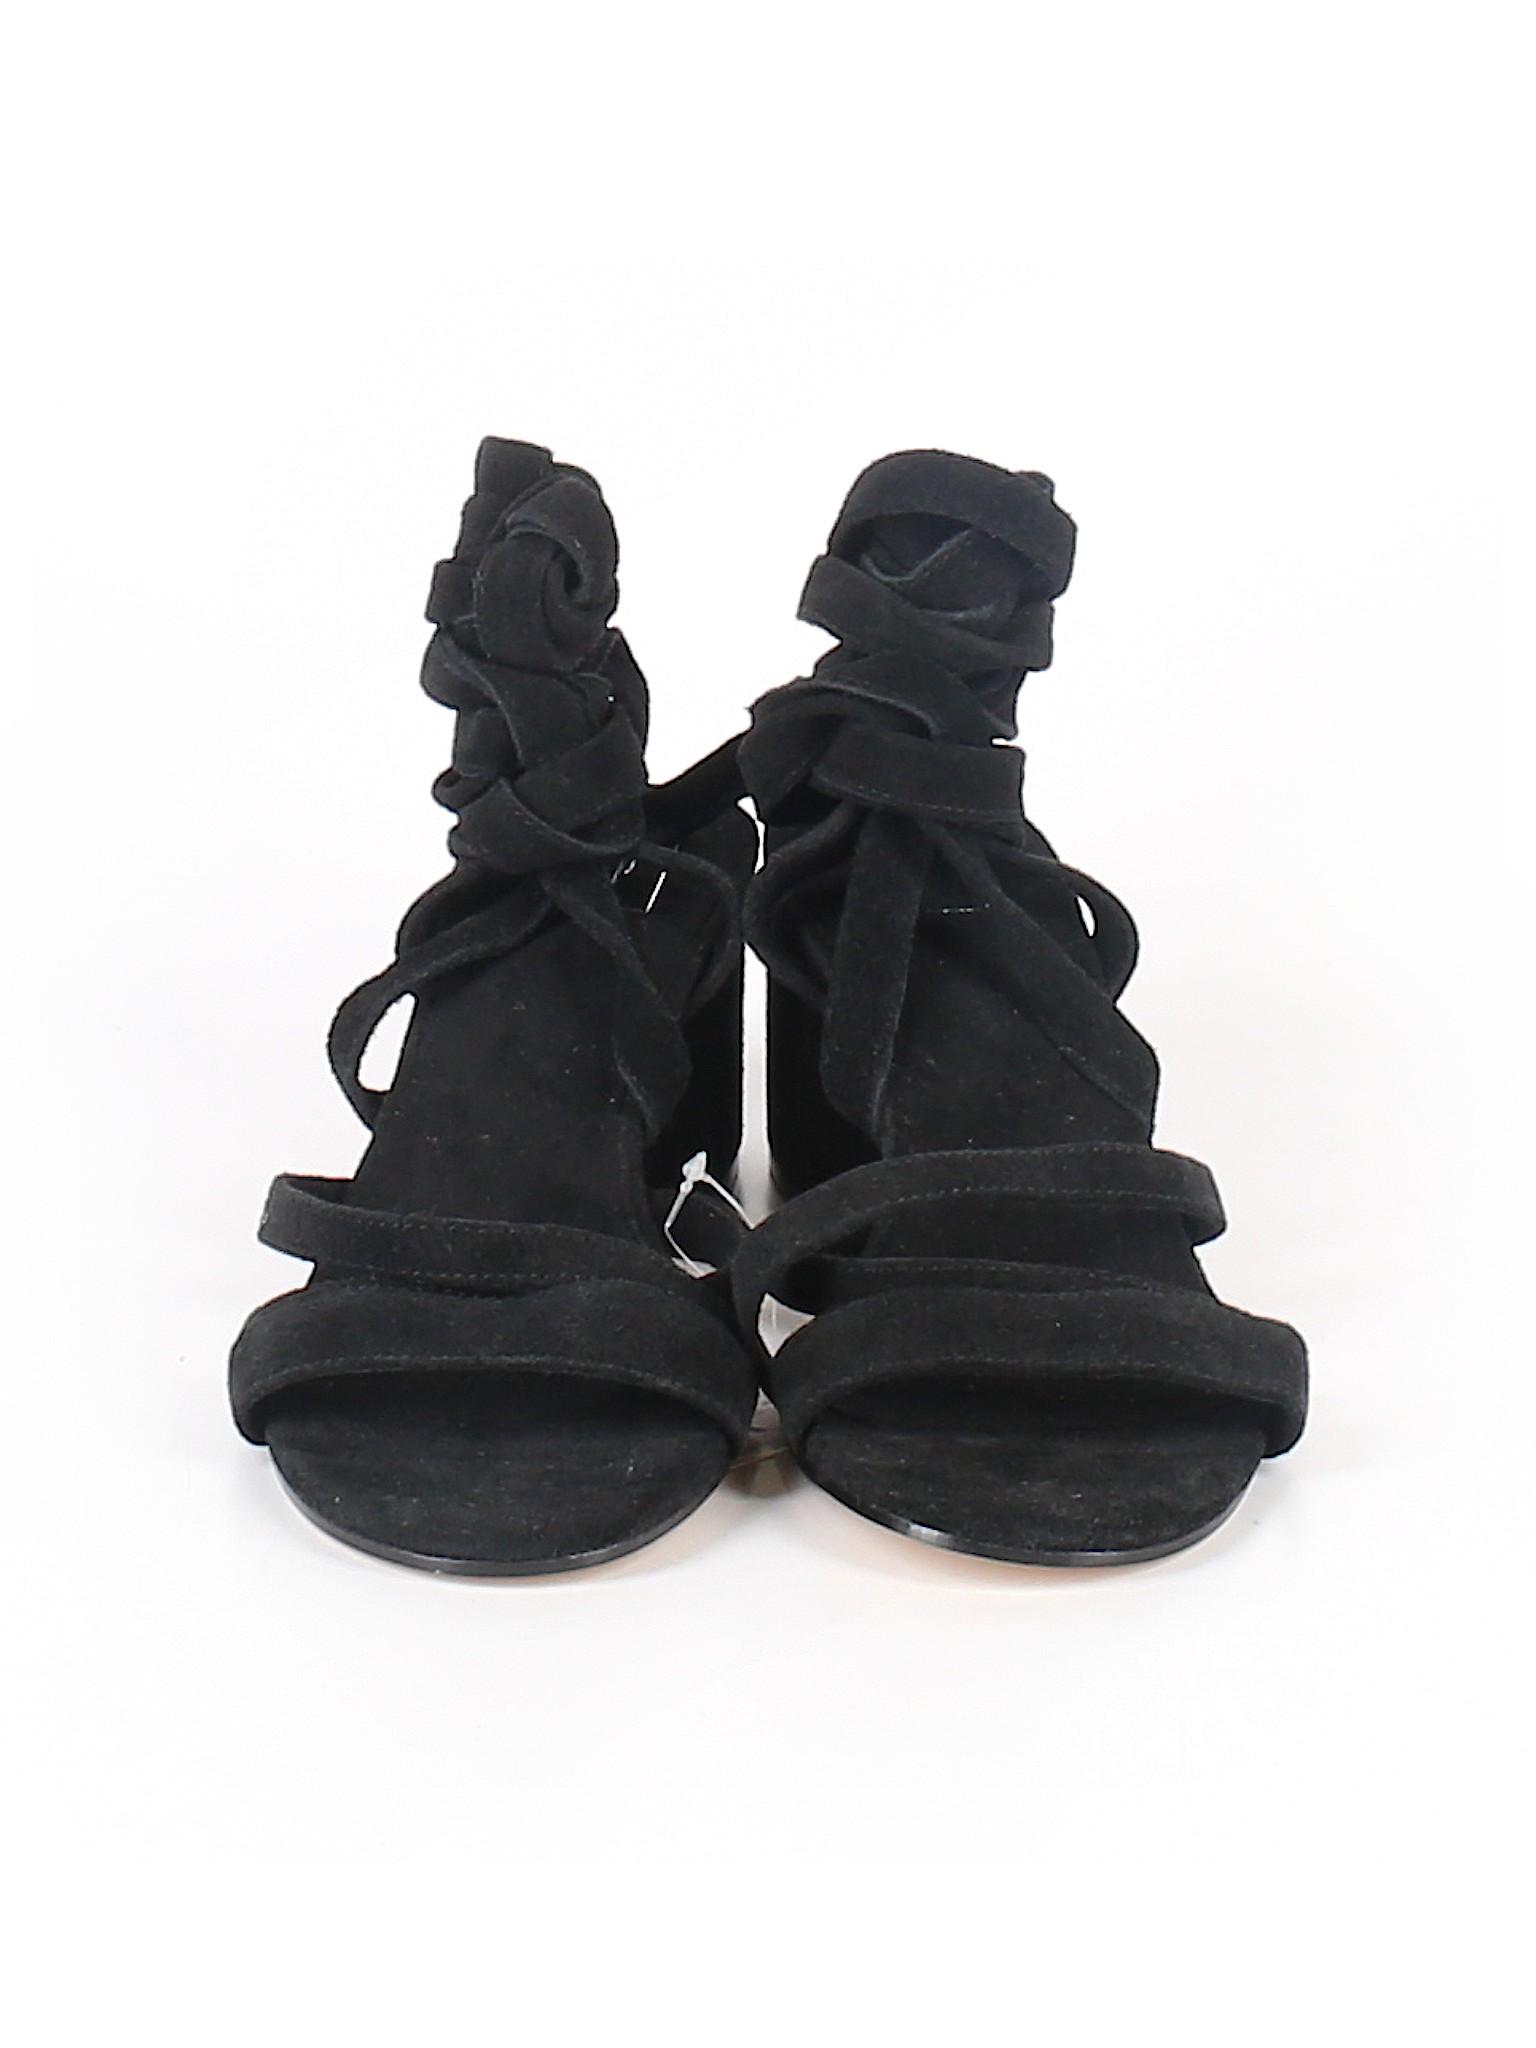 Boutique Gap promotion Boutique Heels Heels promotion promotion Boutique Gap 0WWHngxR